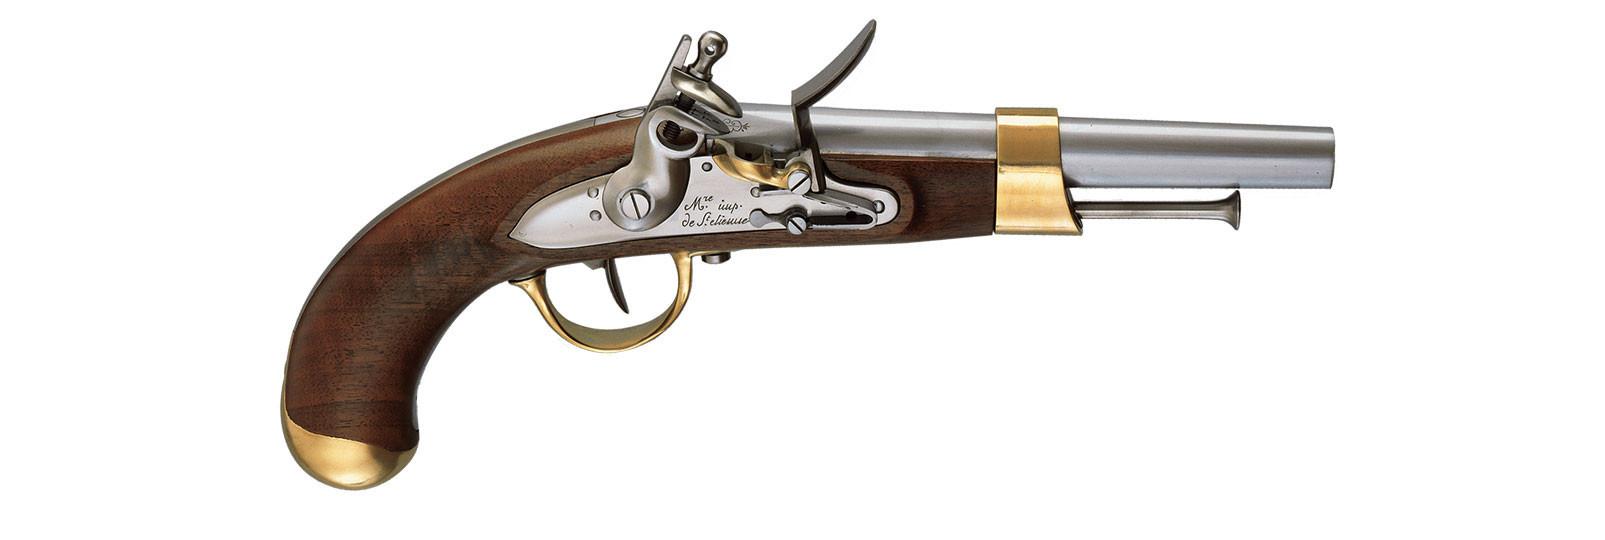 Pistola An XIII